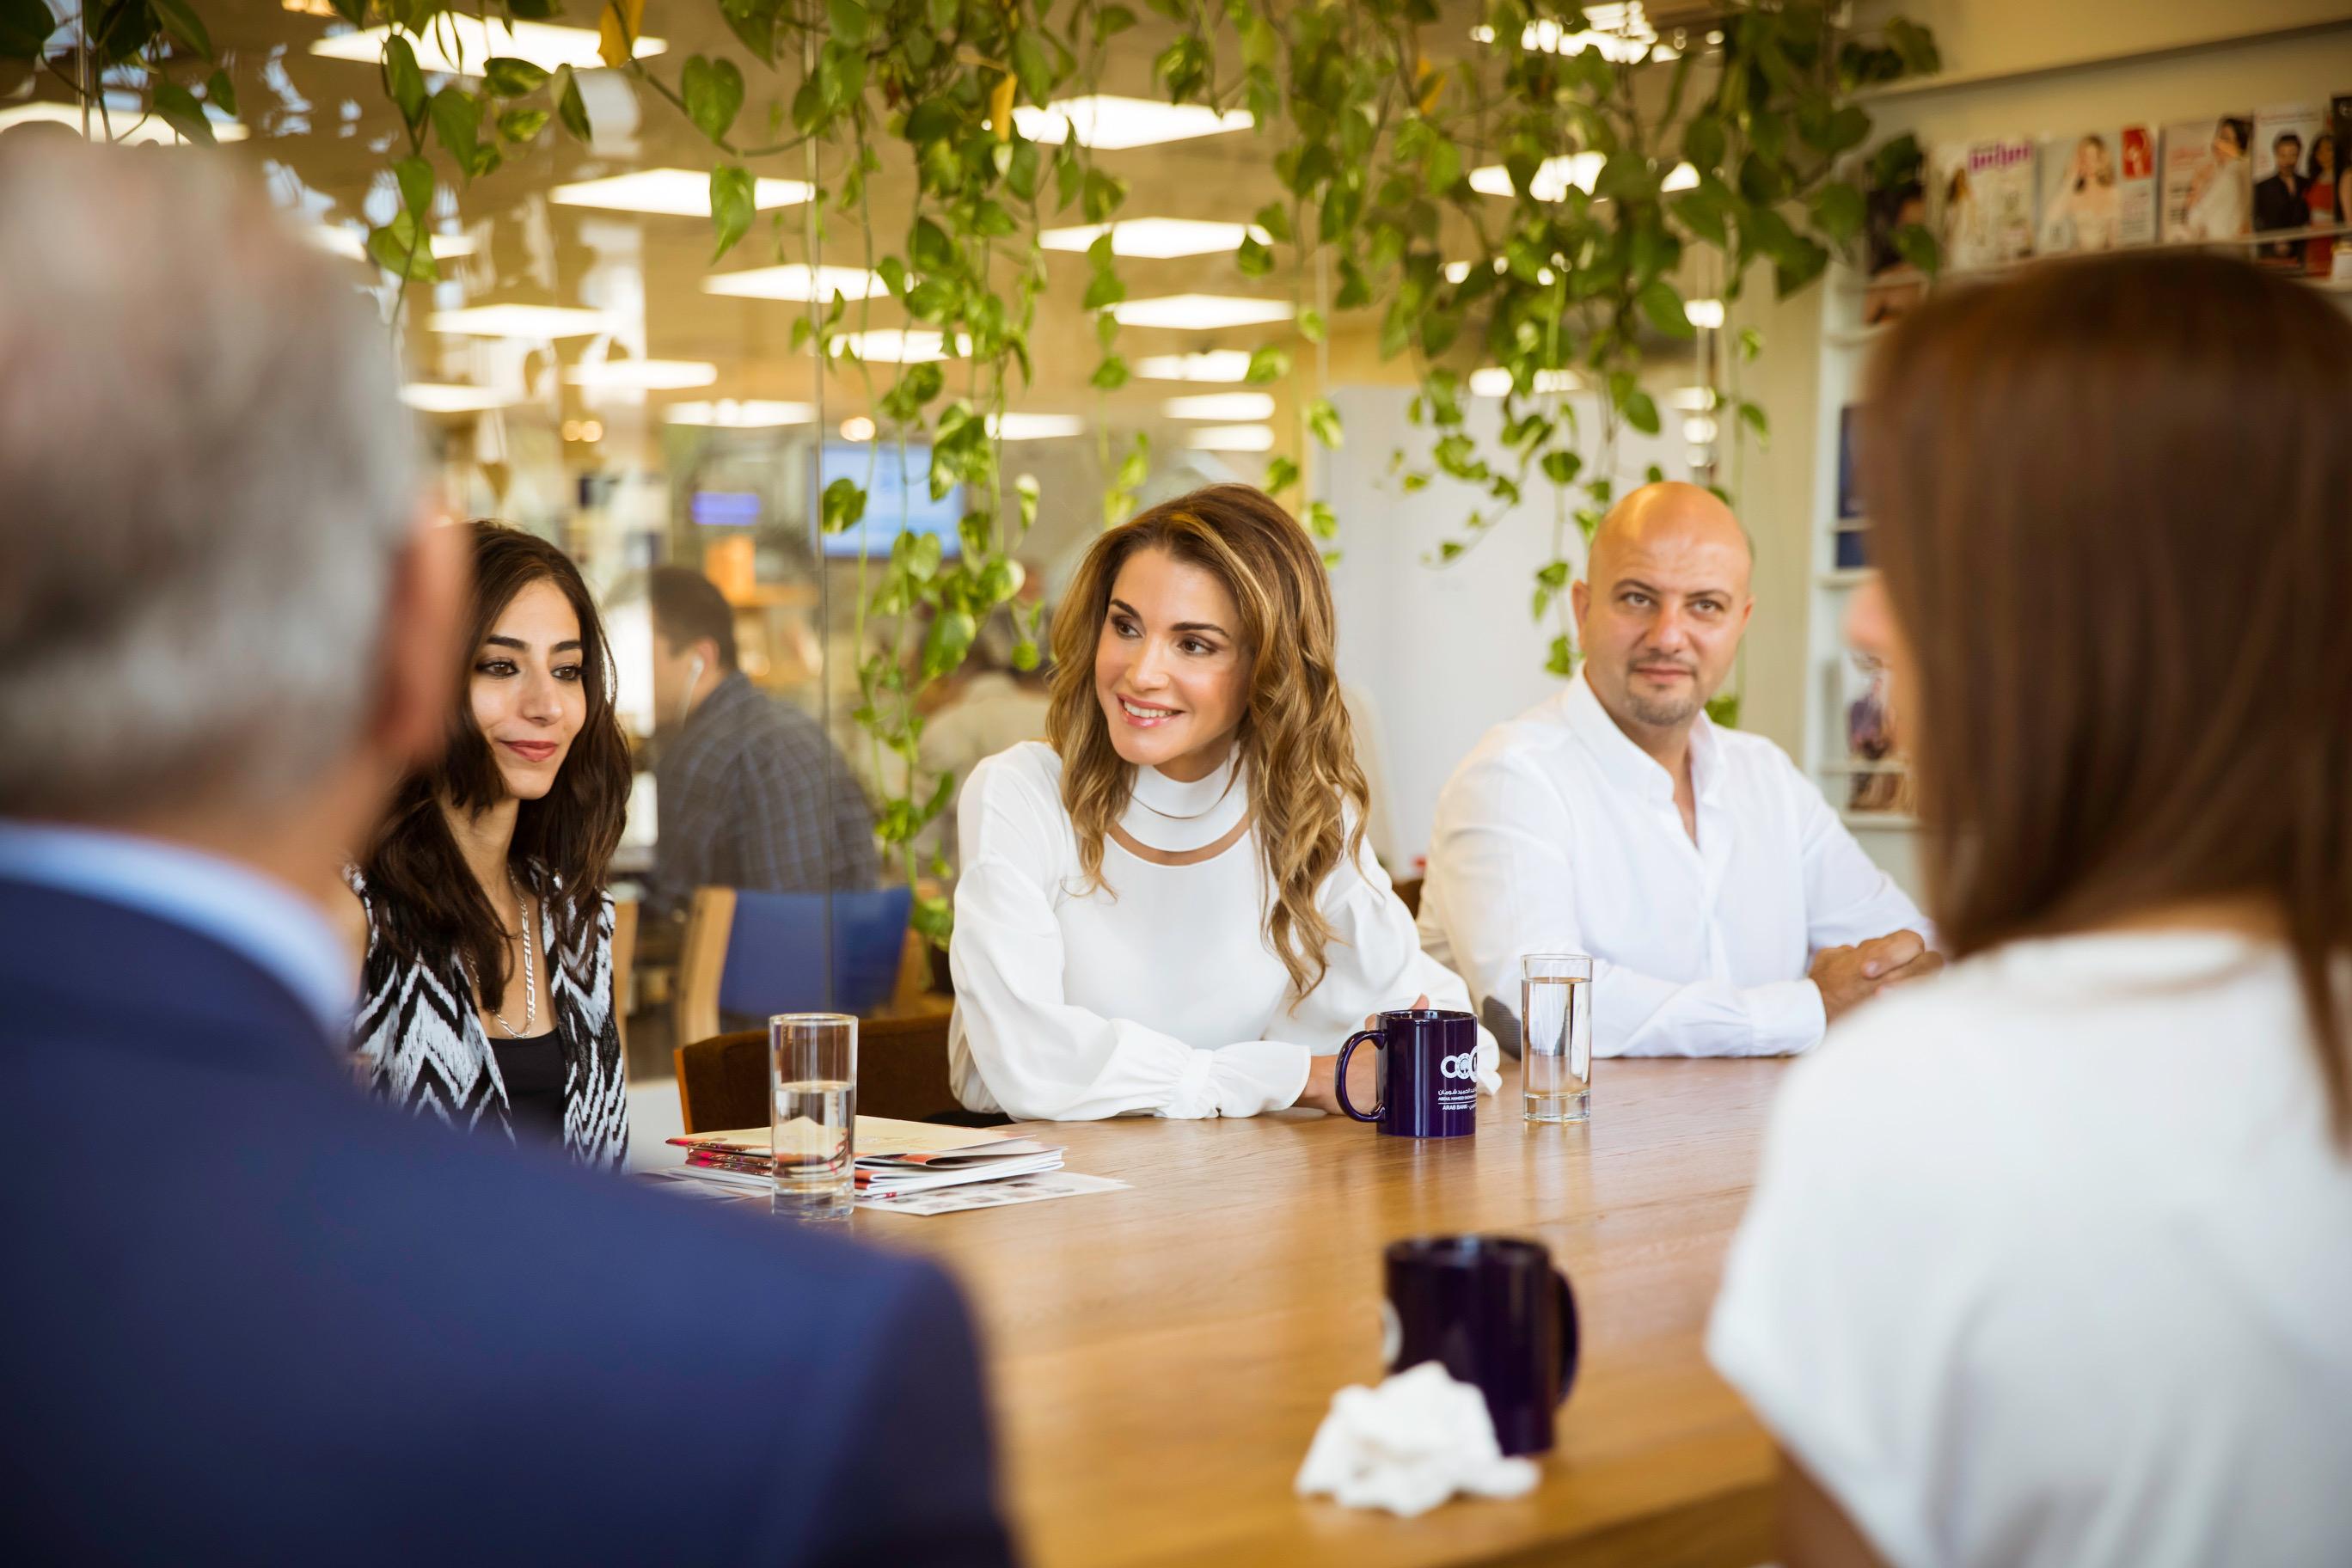 بالصور  ..  جلالة الملكة رانيا العبدالله تطلع على البرامج والأنشطة الثقافية لمؤسسة عبد الحميد شومان